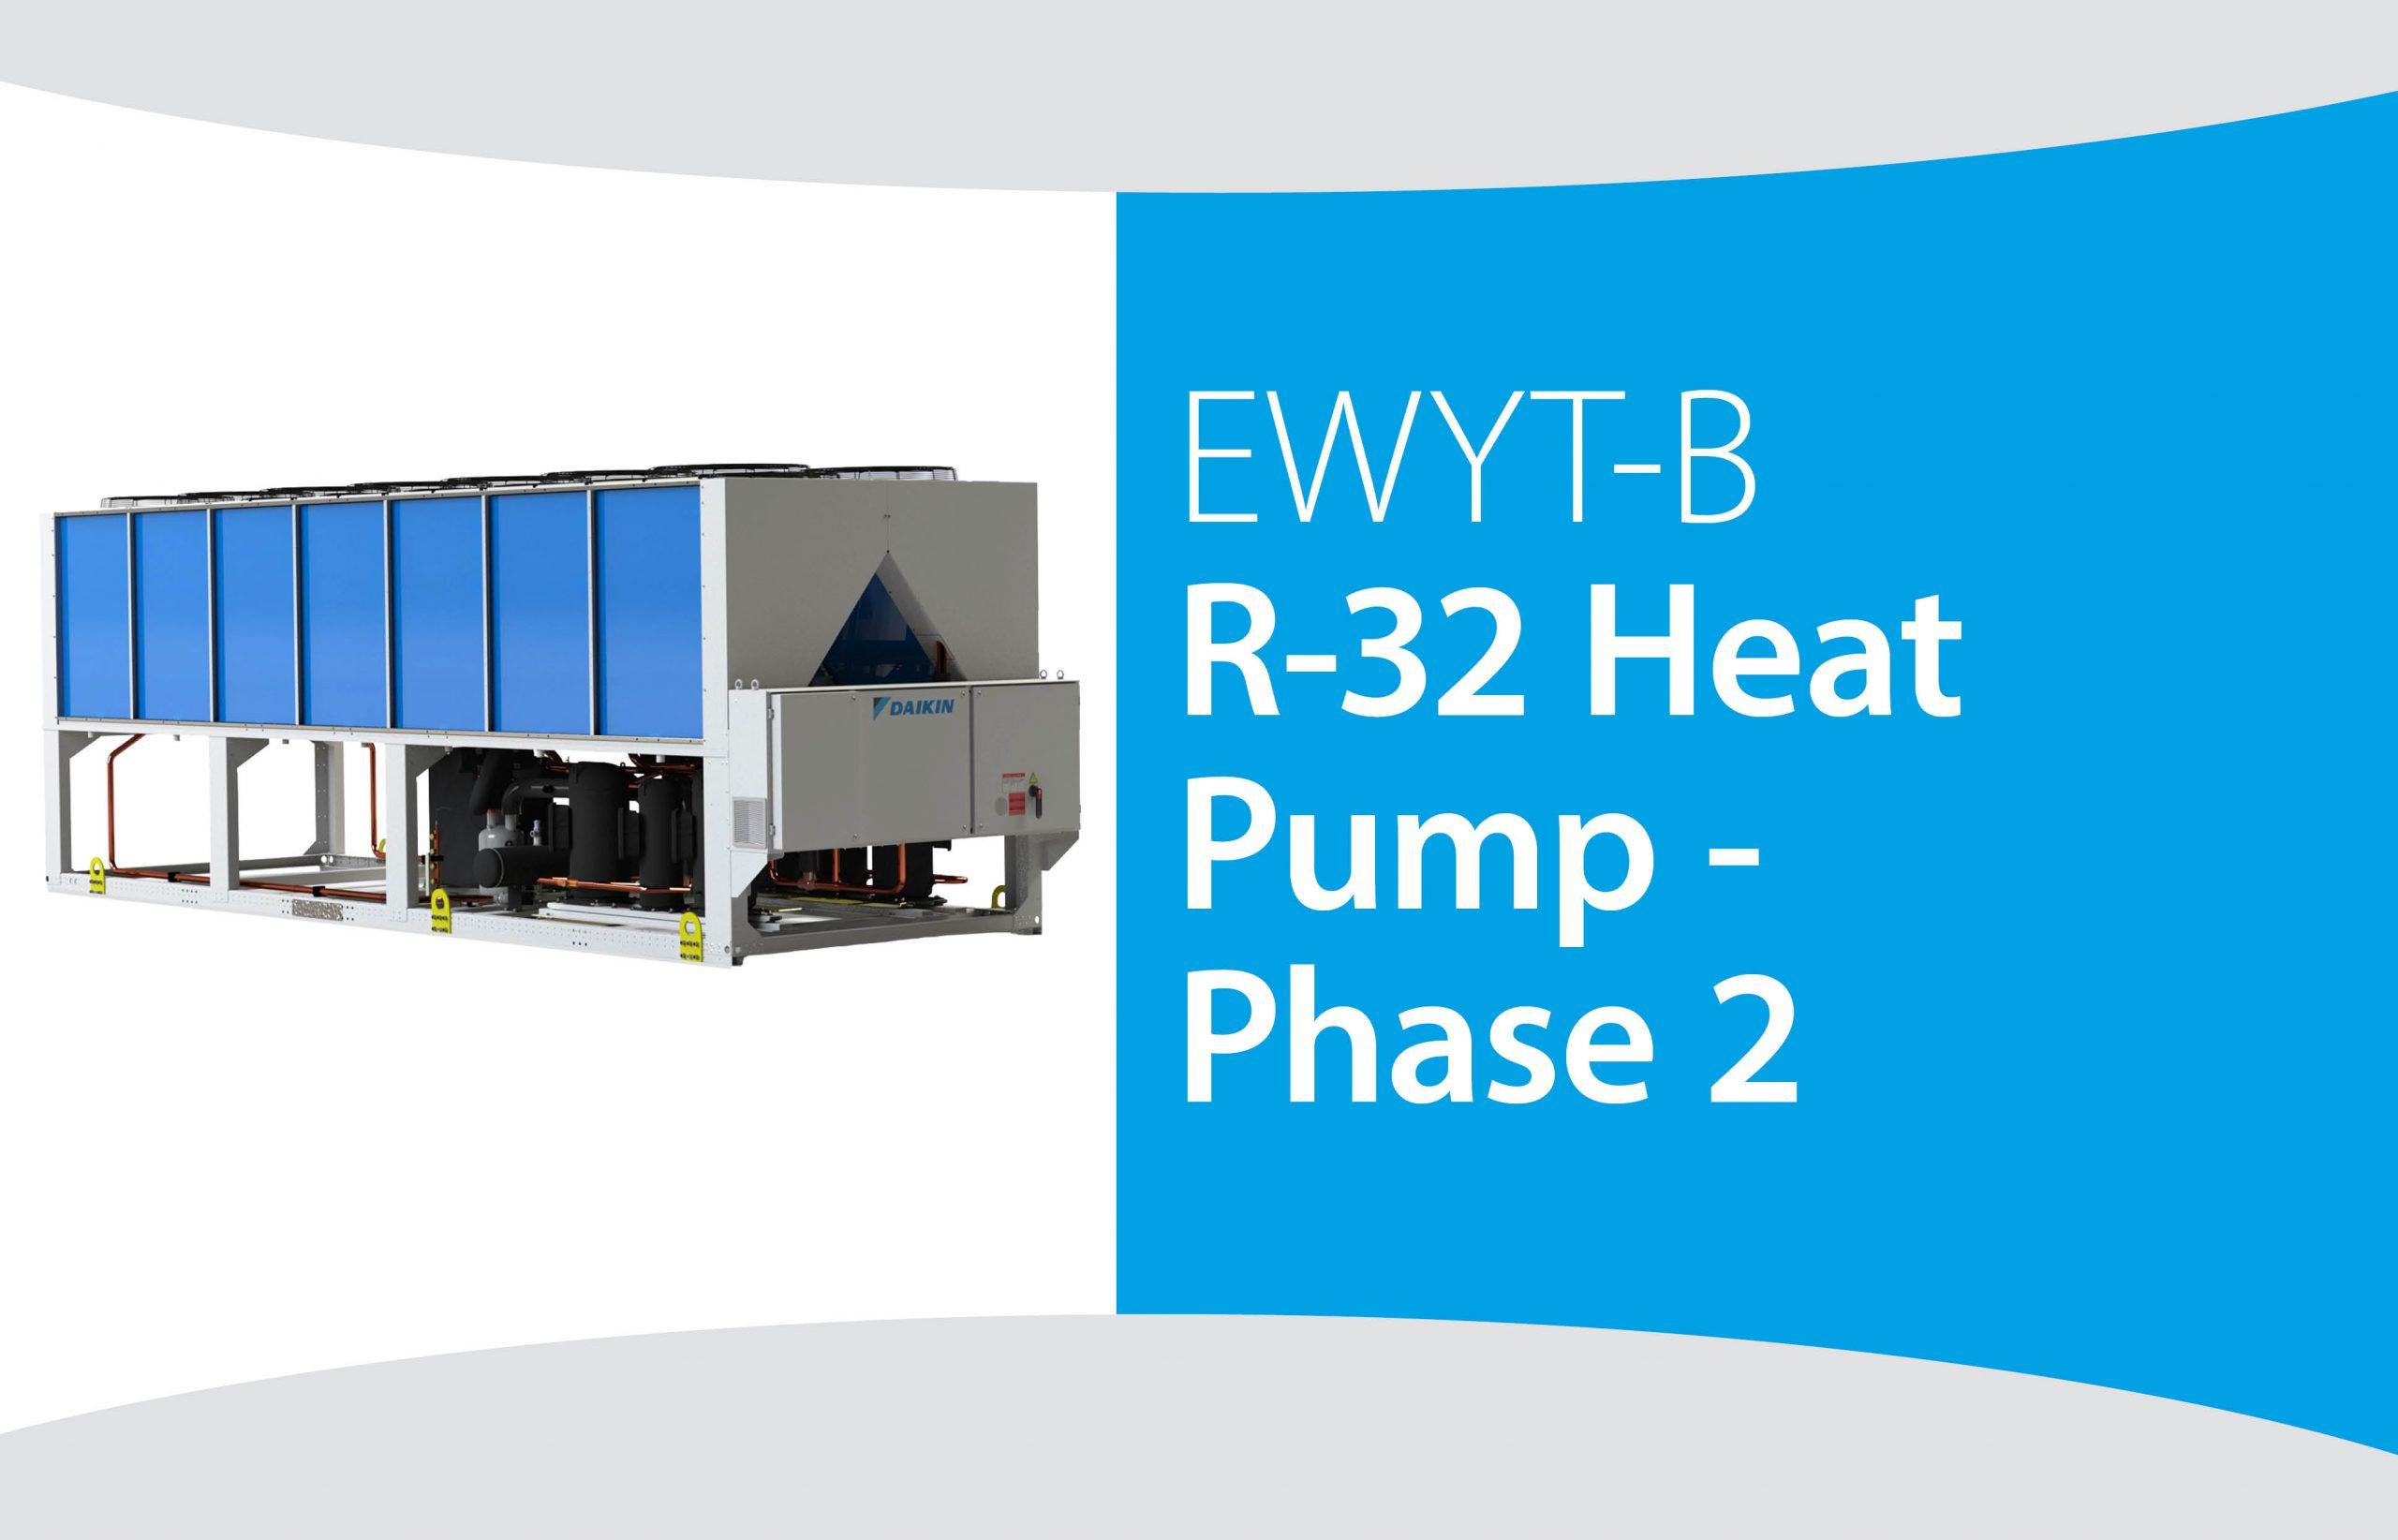 EWYT-B R-32 Heat Pump – Phase 2